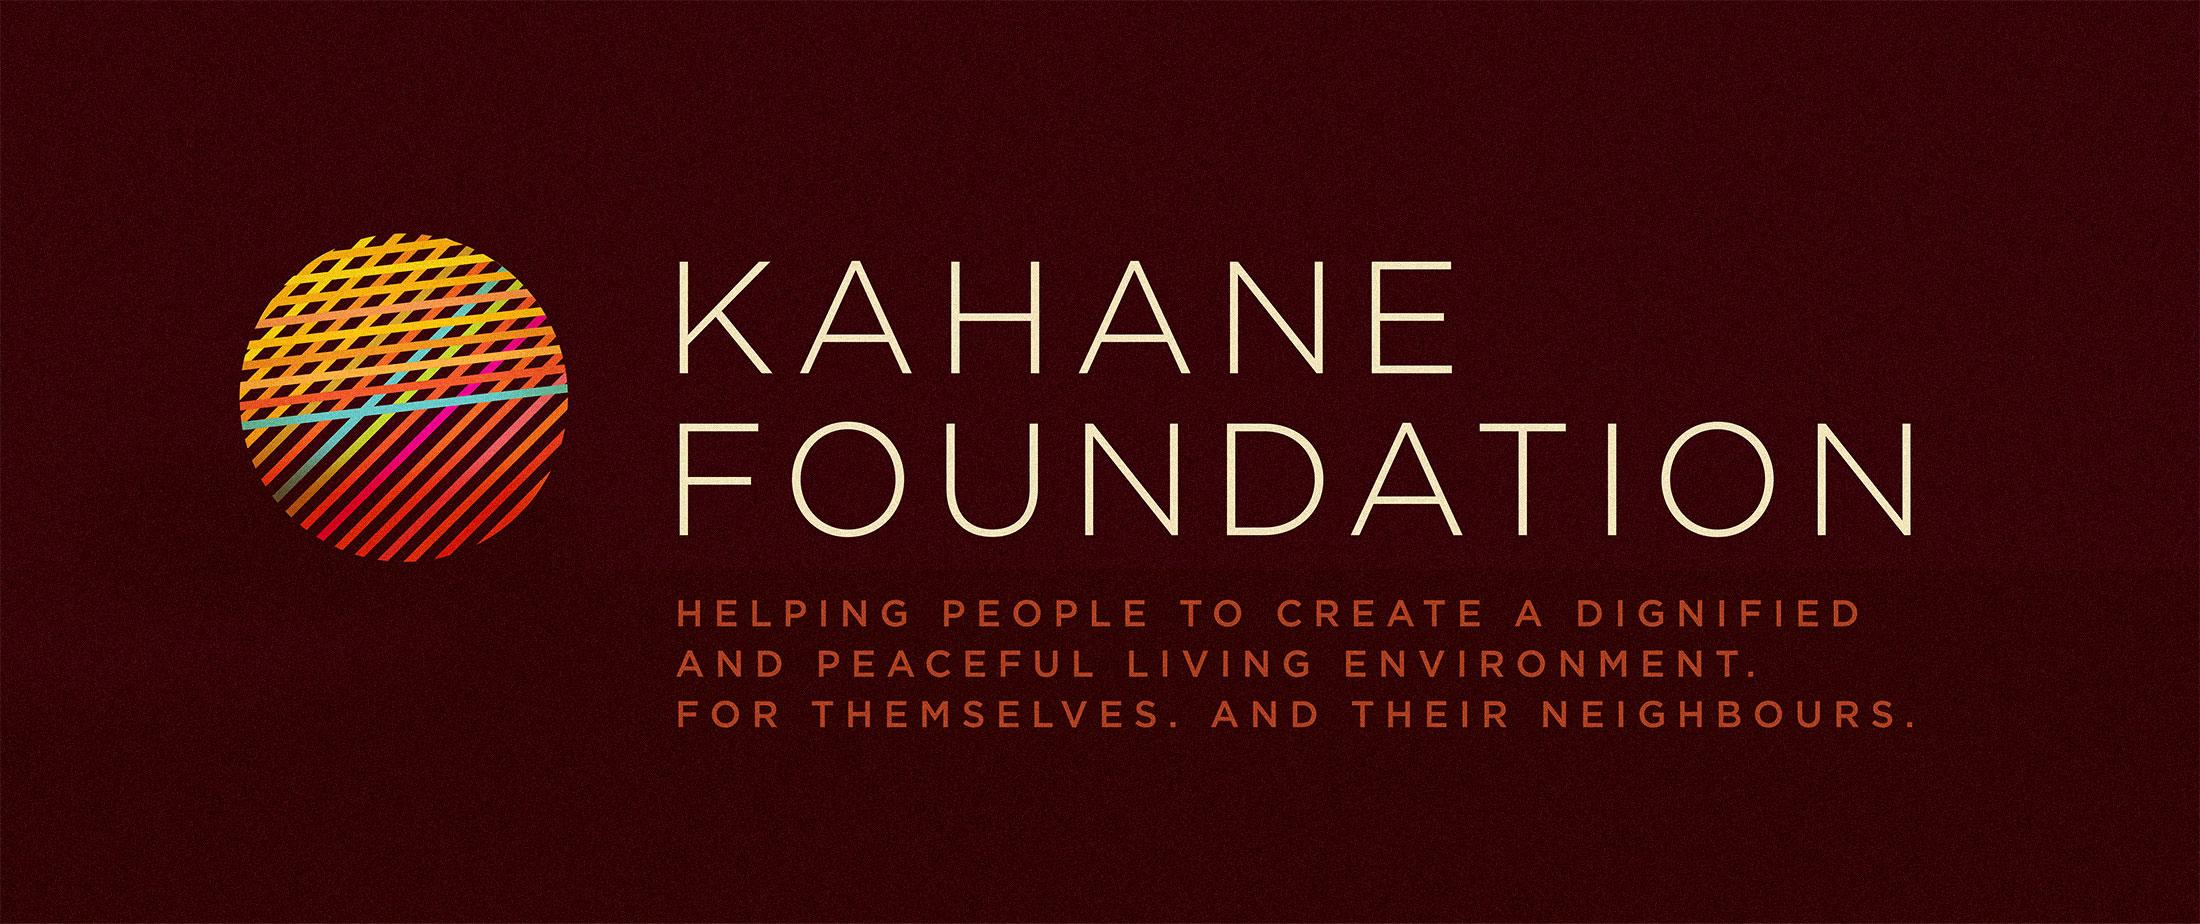 kahane-foundation.jpg